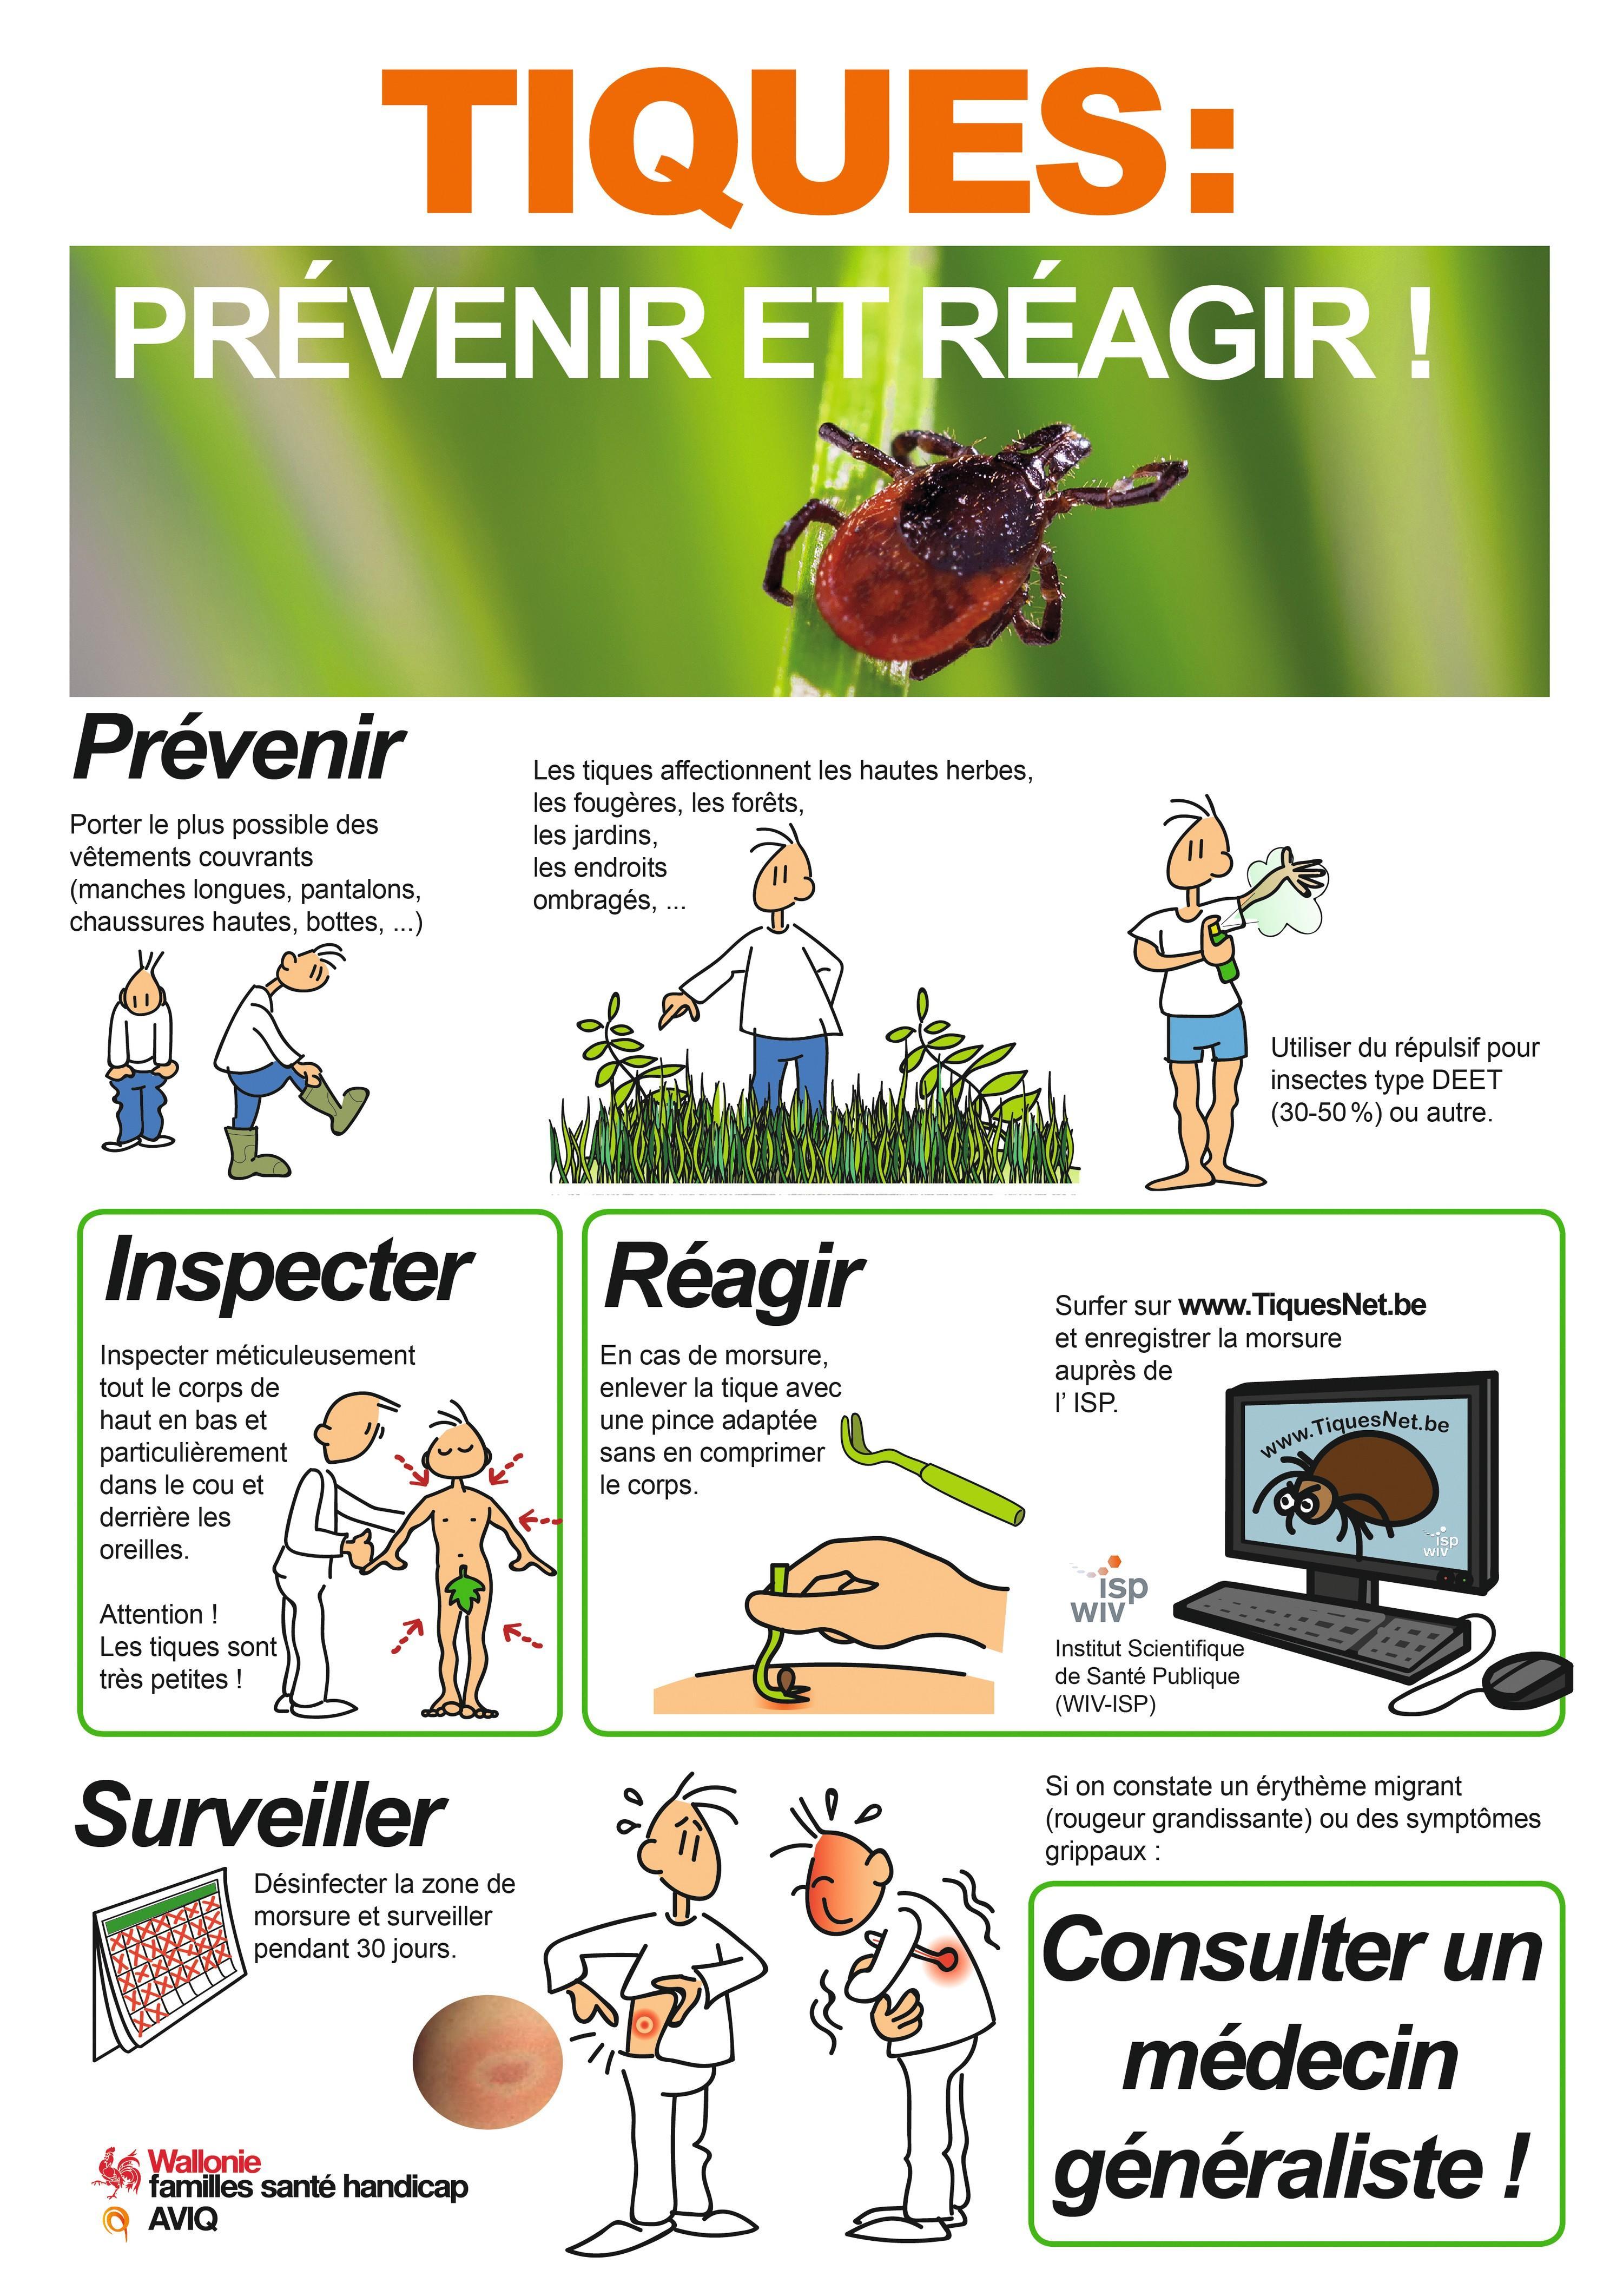 Affiche de prévention de l'Agence pour une vie de qualité (AVIQ, Belgique).